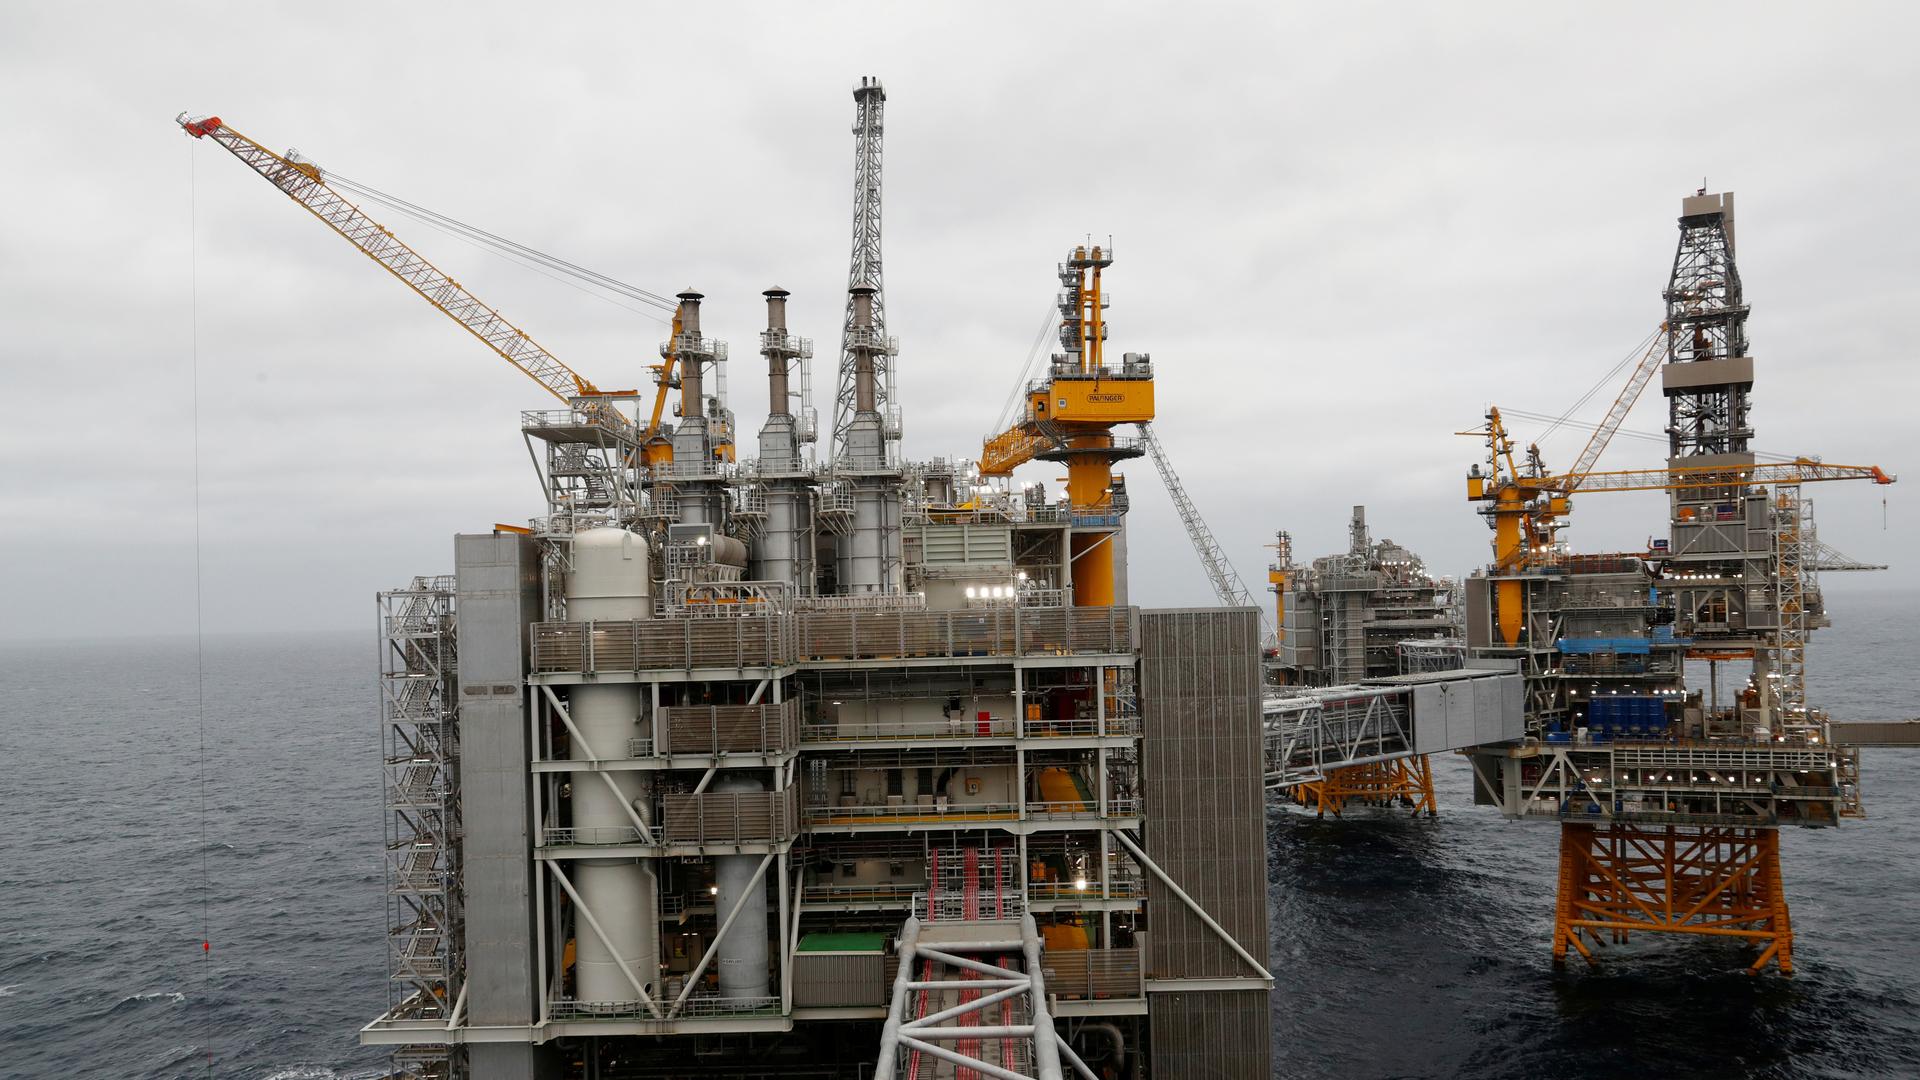 Giá dầu thô tương lai âm có ảnh hưởng như thế nào đến nền kinh tế? - Ảnh 2.